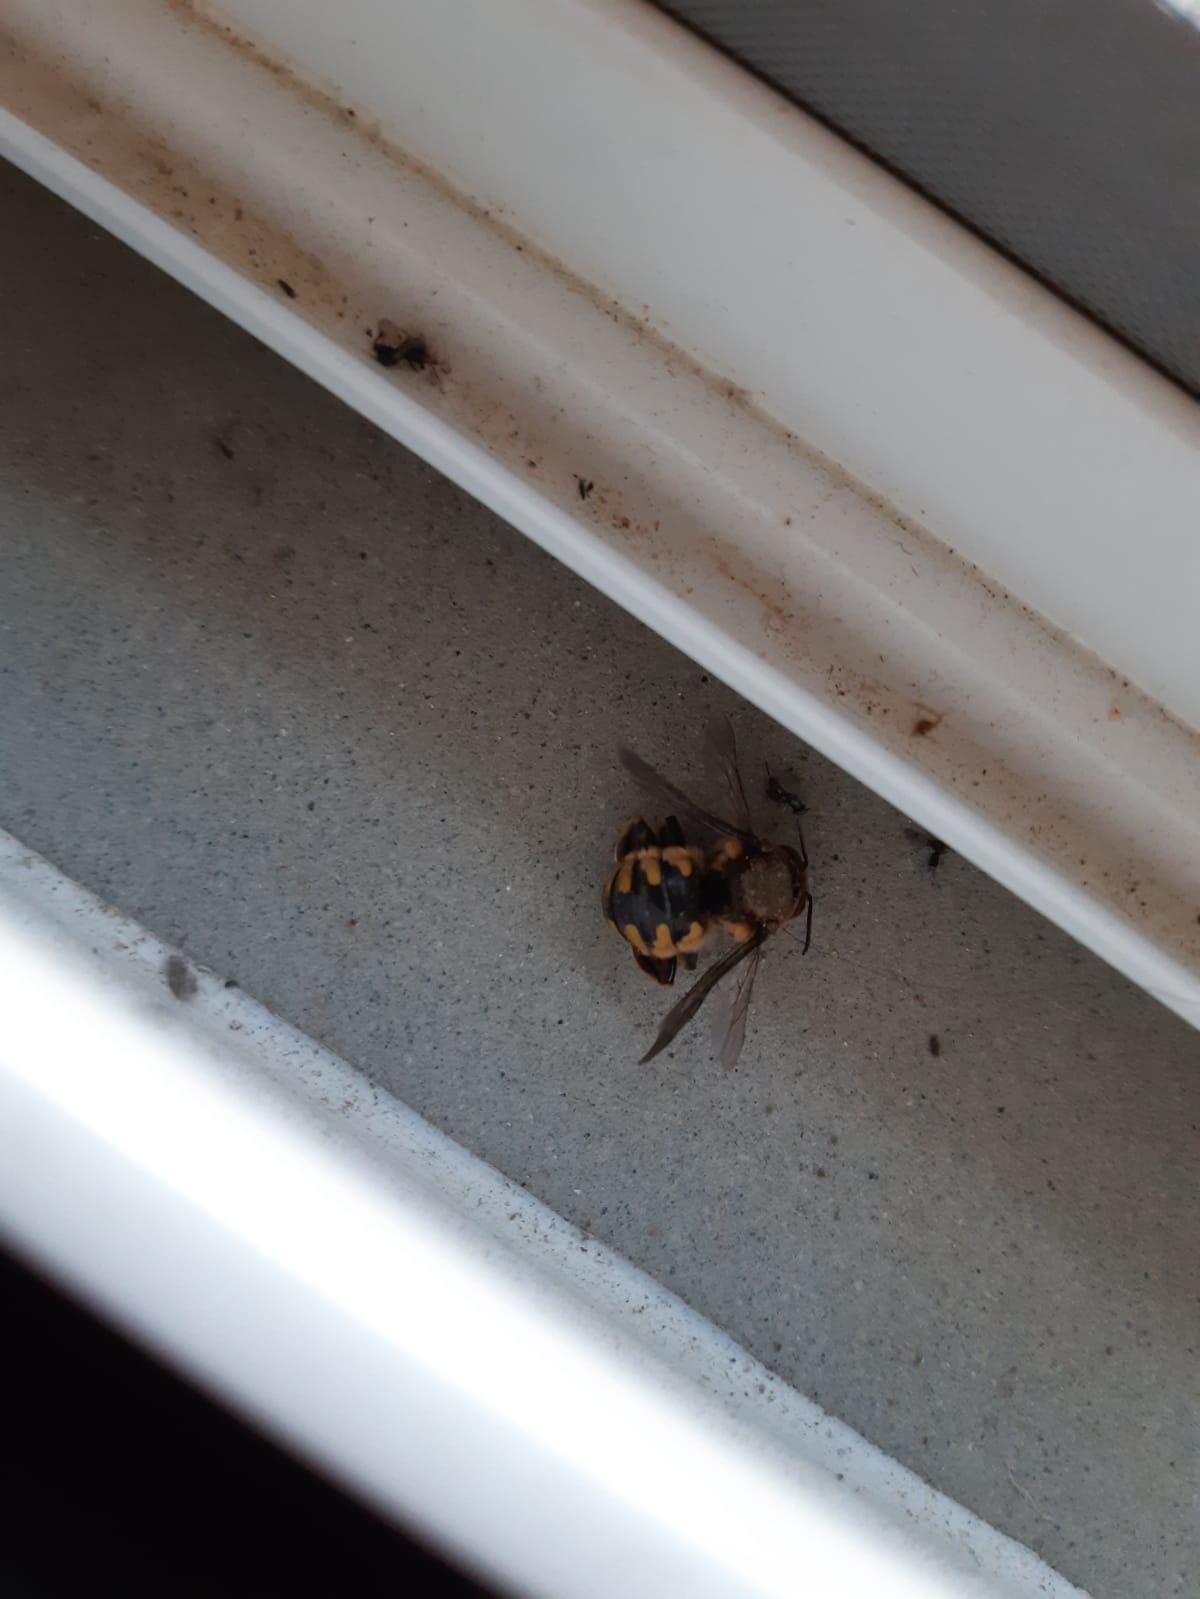 Non capisco che tipo di vespa sia